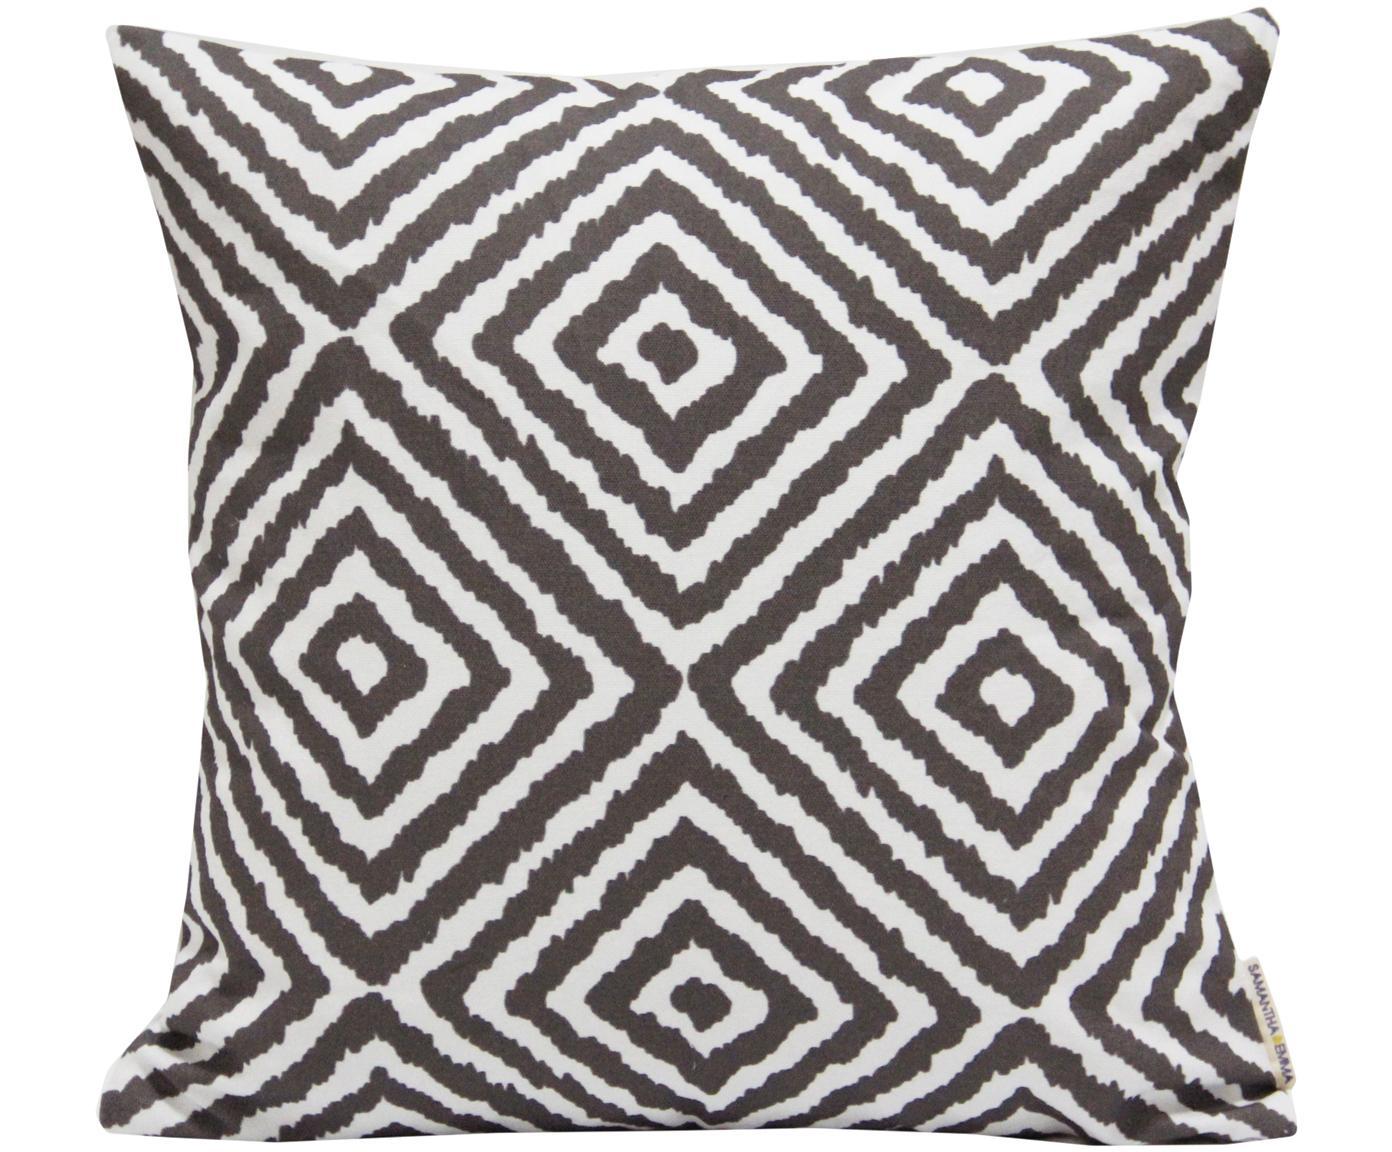 Kissenhülle Henry mit grafischem Muster, 100% Baumwolle, Weiss, Schwarz, 45 x 45 cm